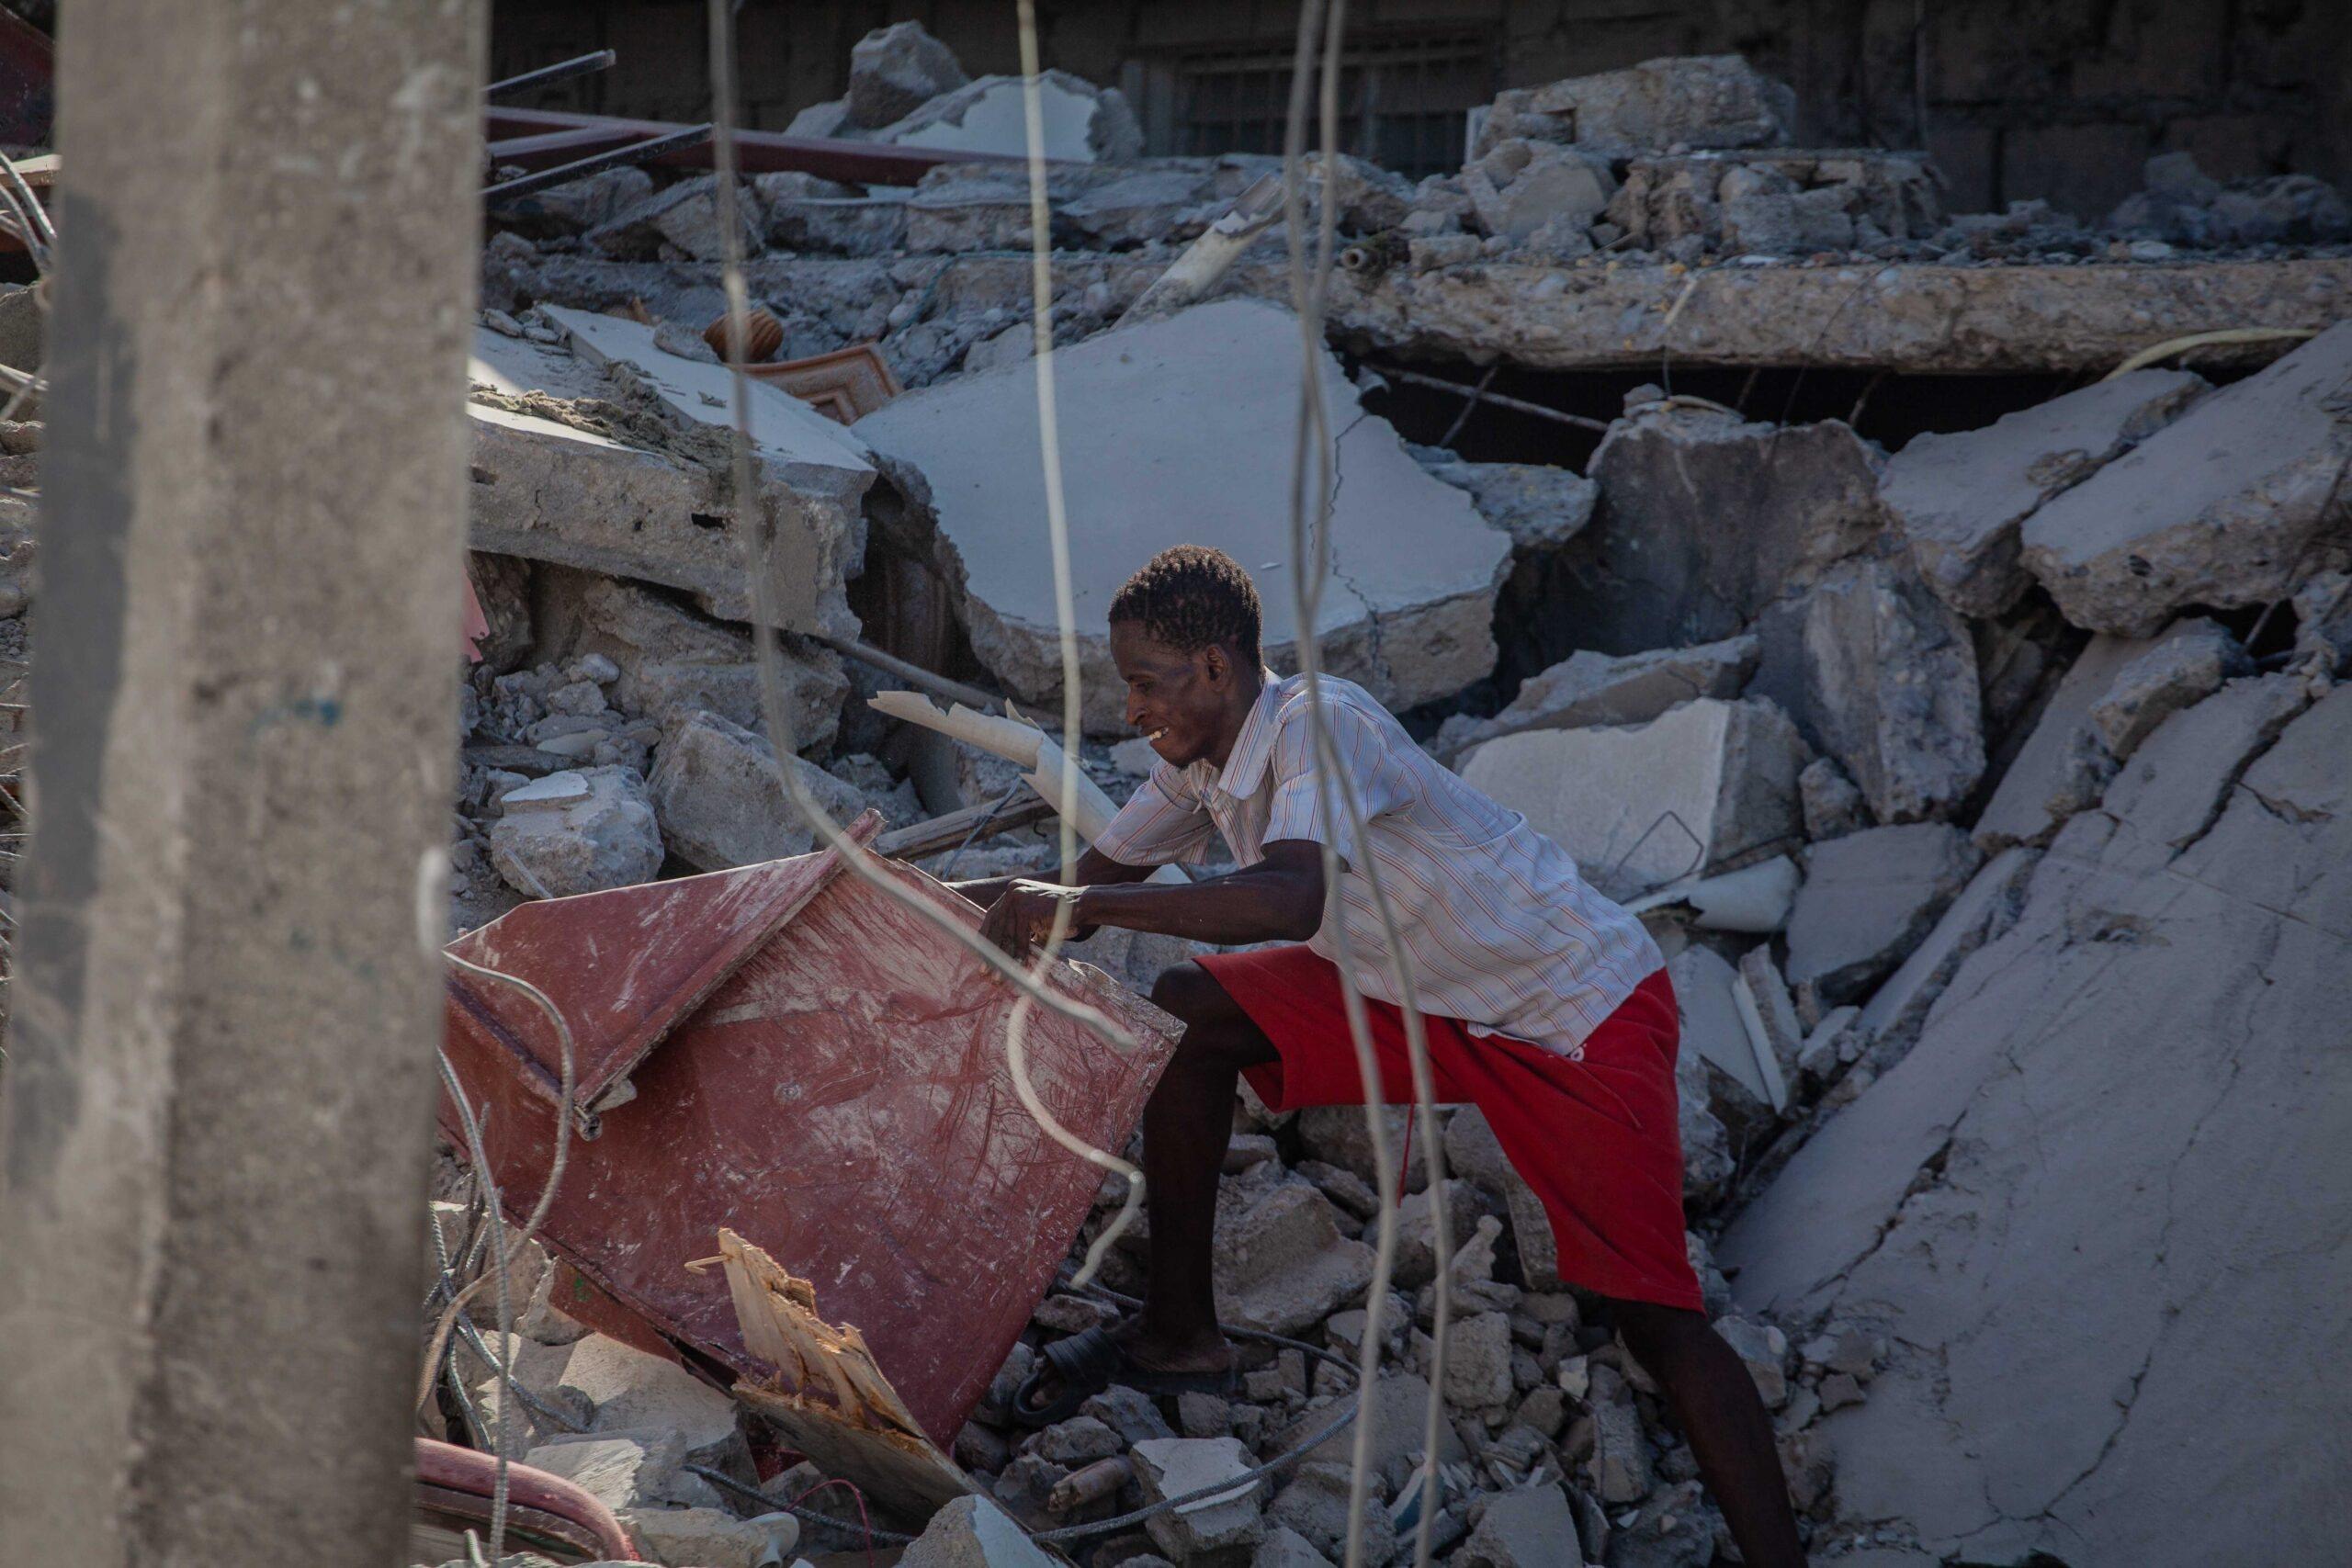 Séisme du 14 août: l'ONU, l'UE et Taiwan promettent plus de 11 millions de dollars US à Haïti